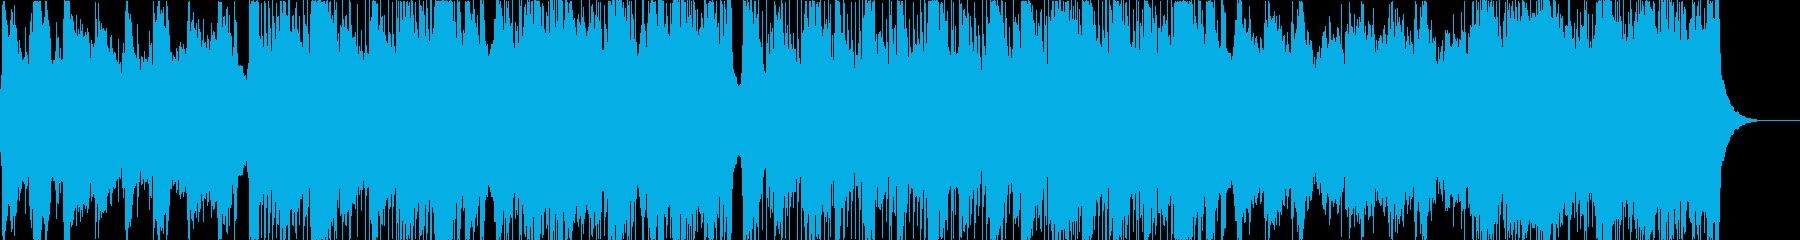 軽快なロック/ポップなロックと優し...の再生済みの波形